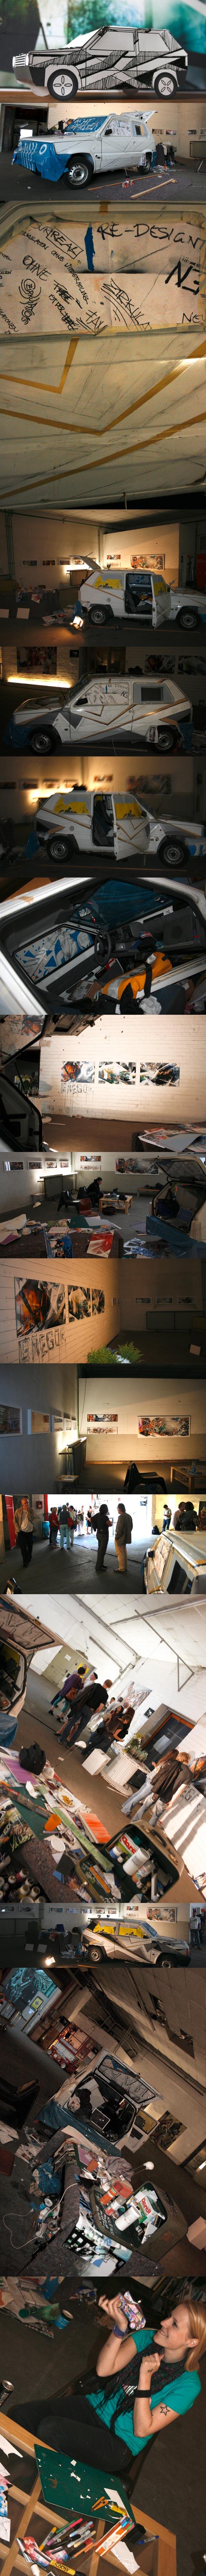 schoepfung-kunst-cluster-09-ende1